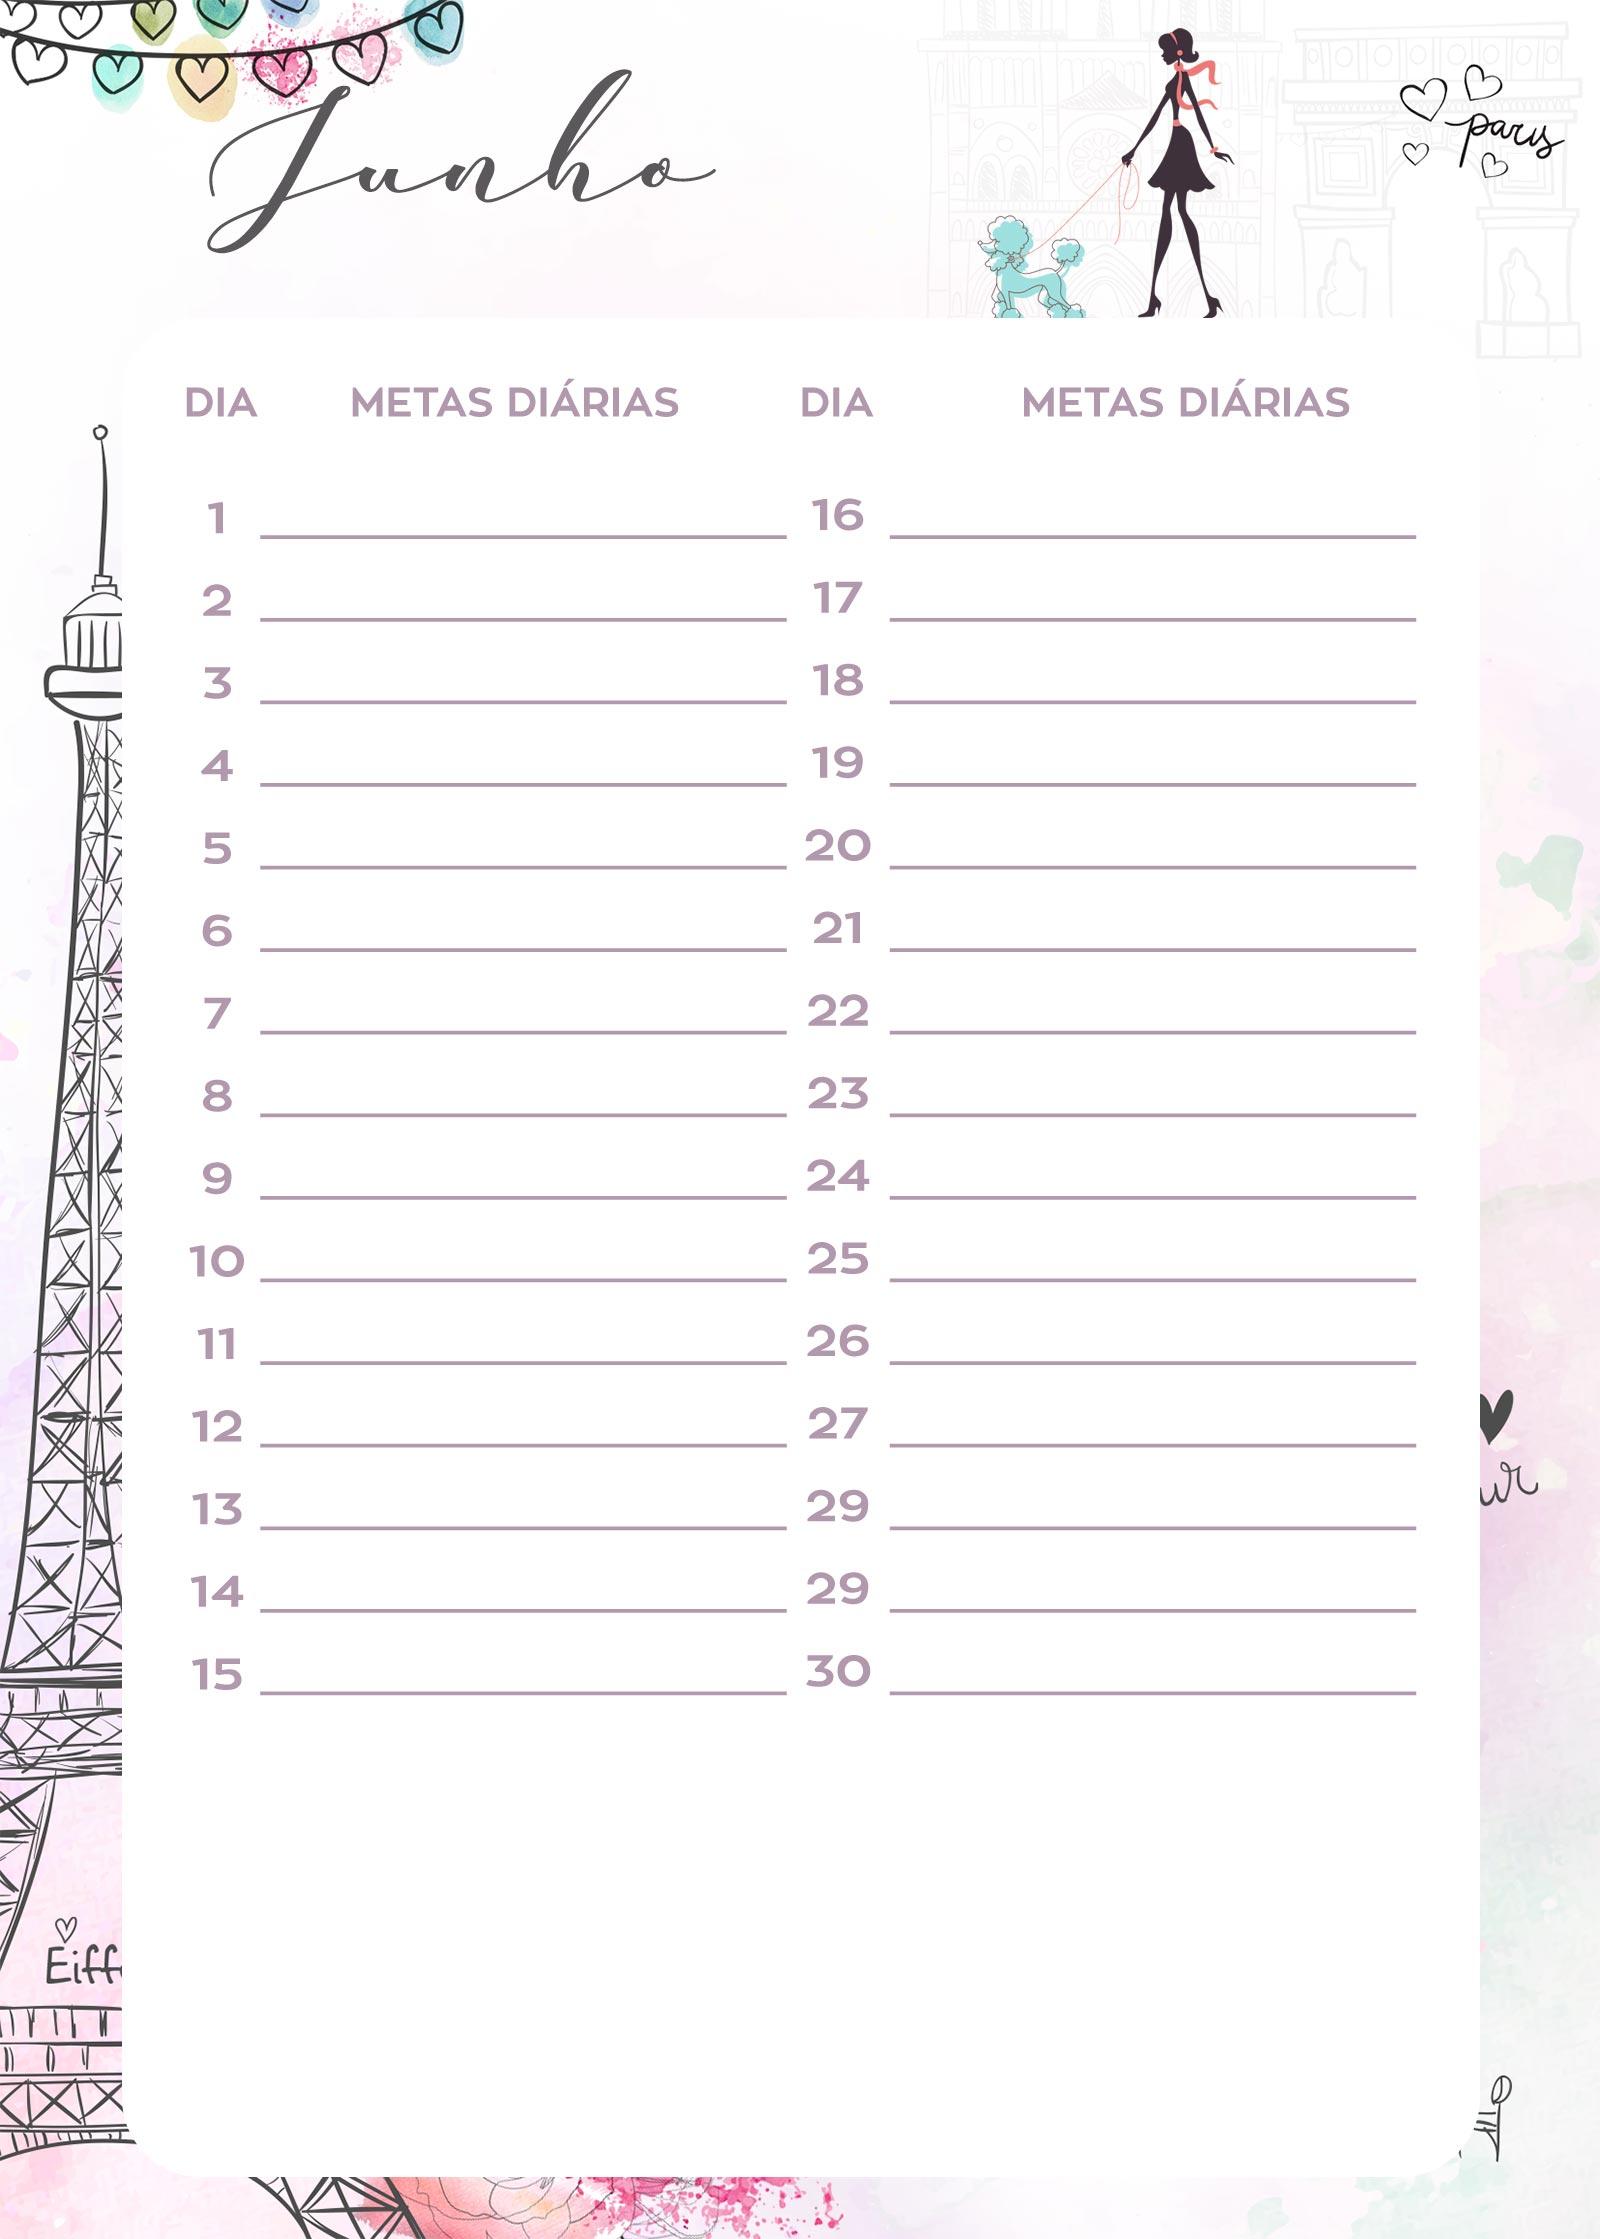 Planner Paris metas diarias junho